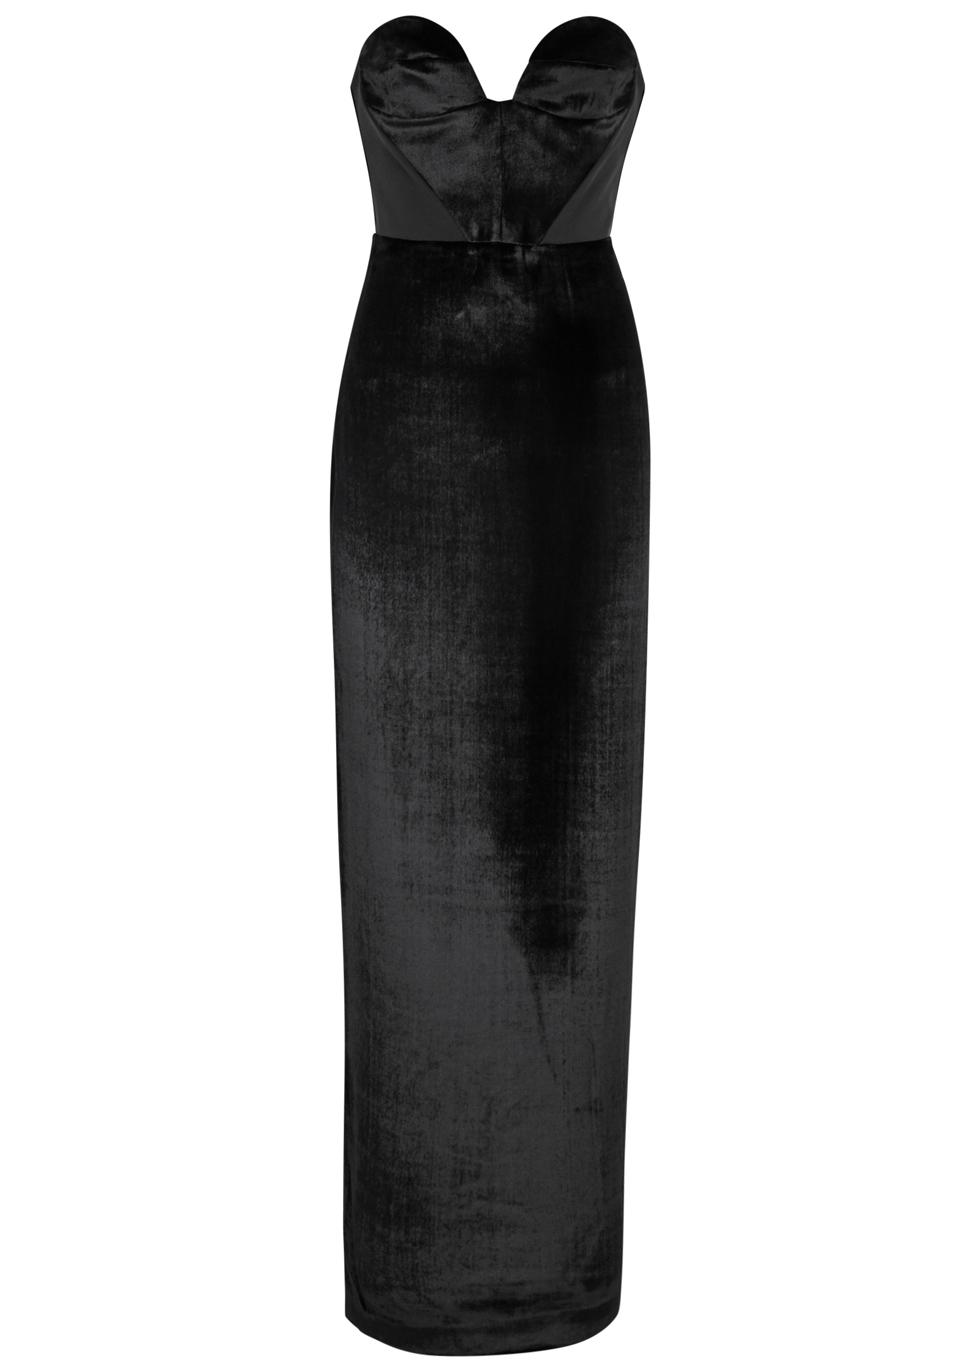 CARMEN MARCH Black Strapless Velvet Gown